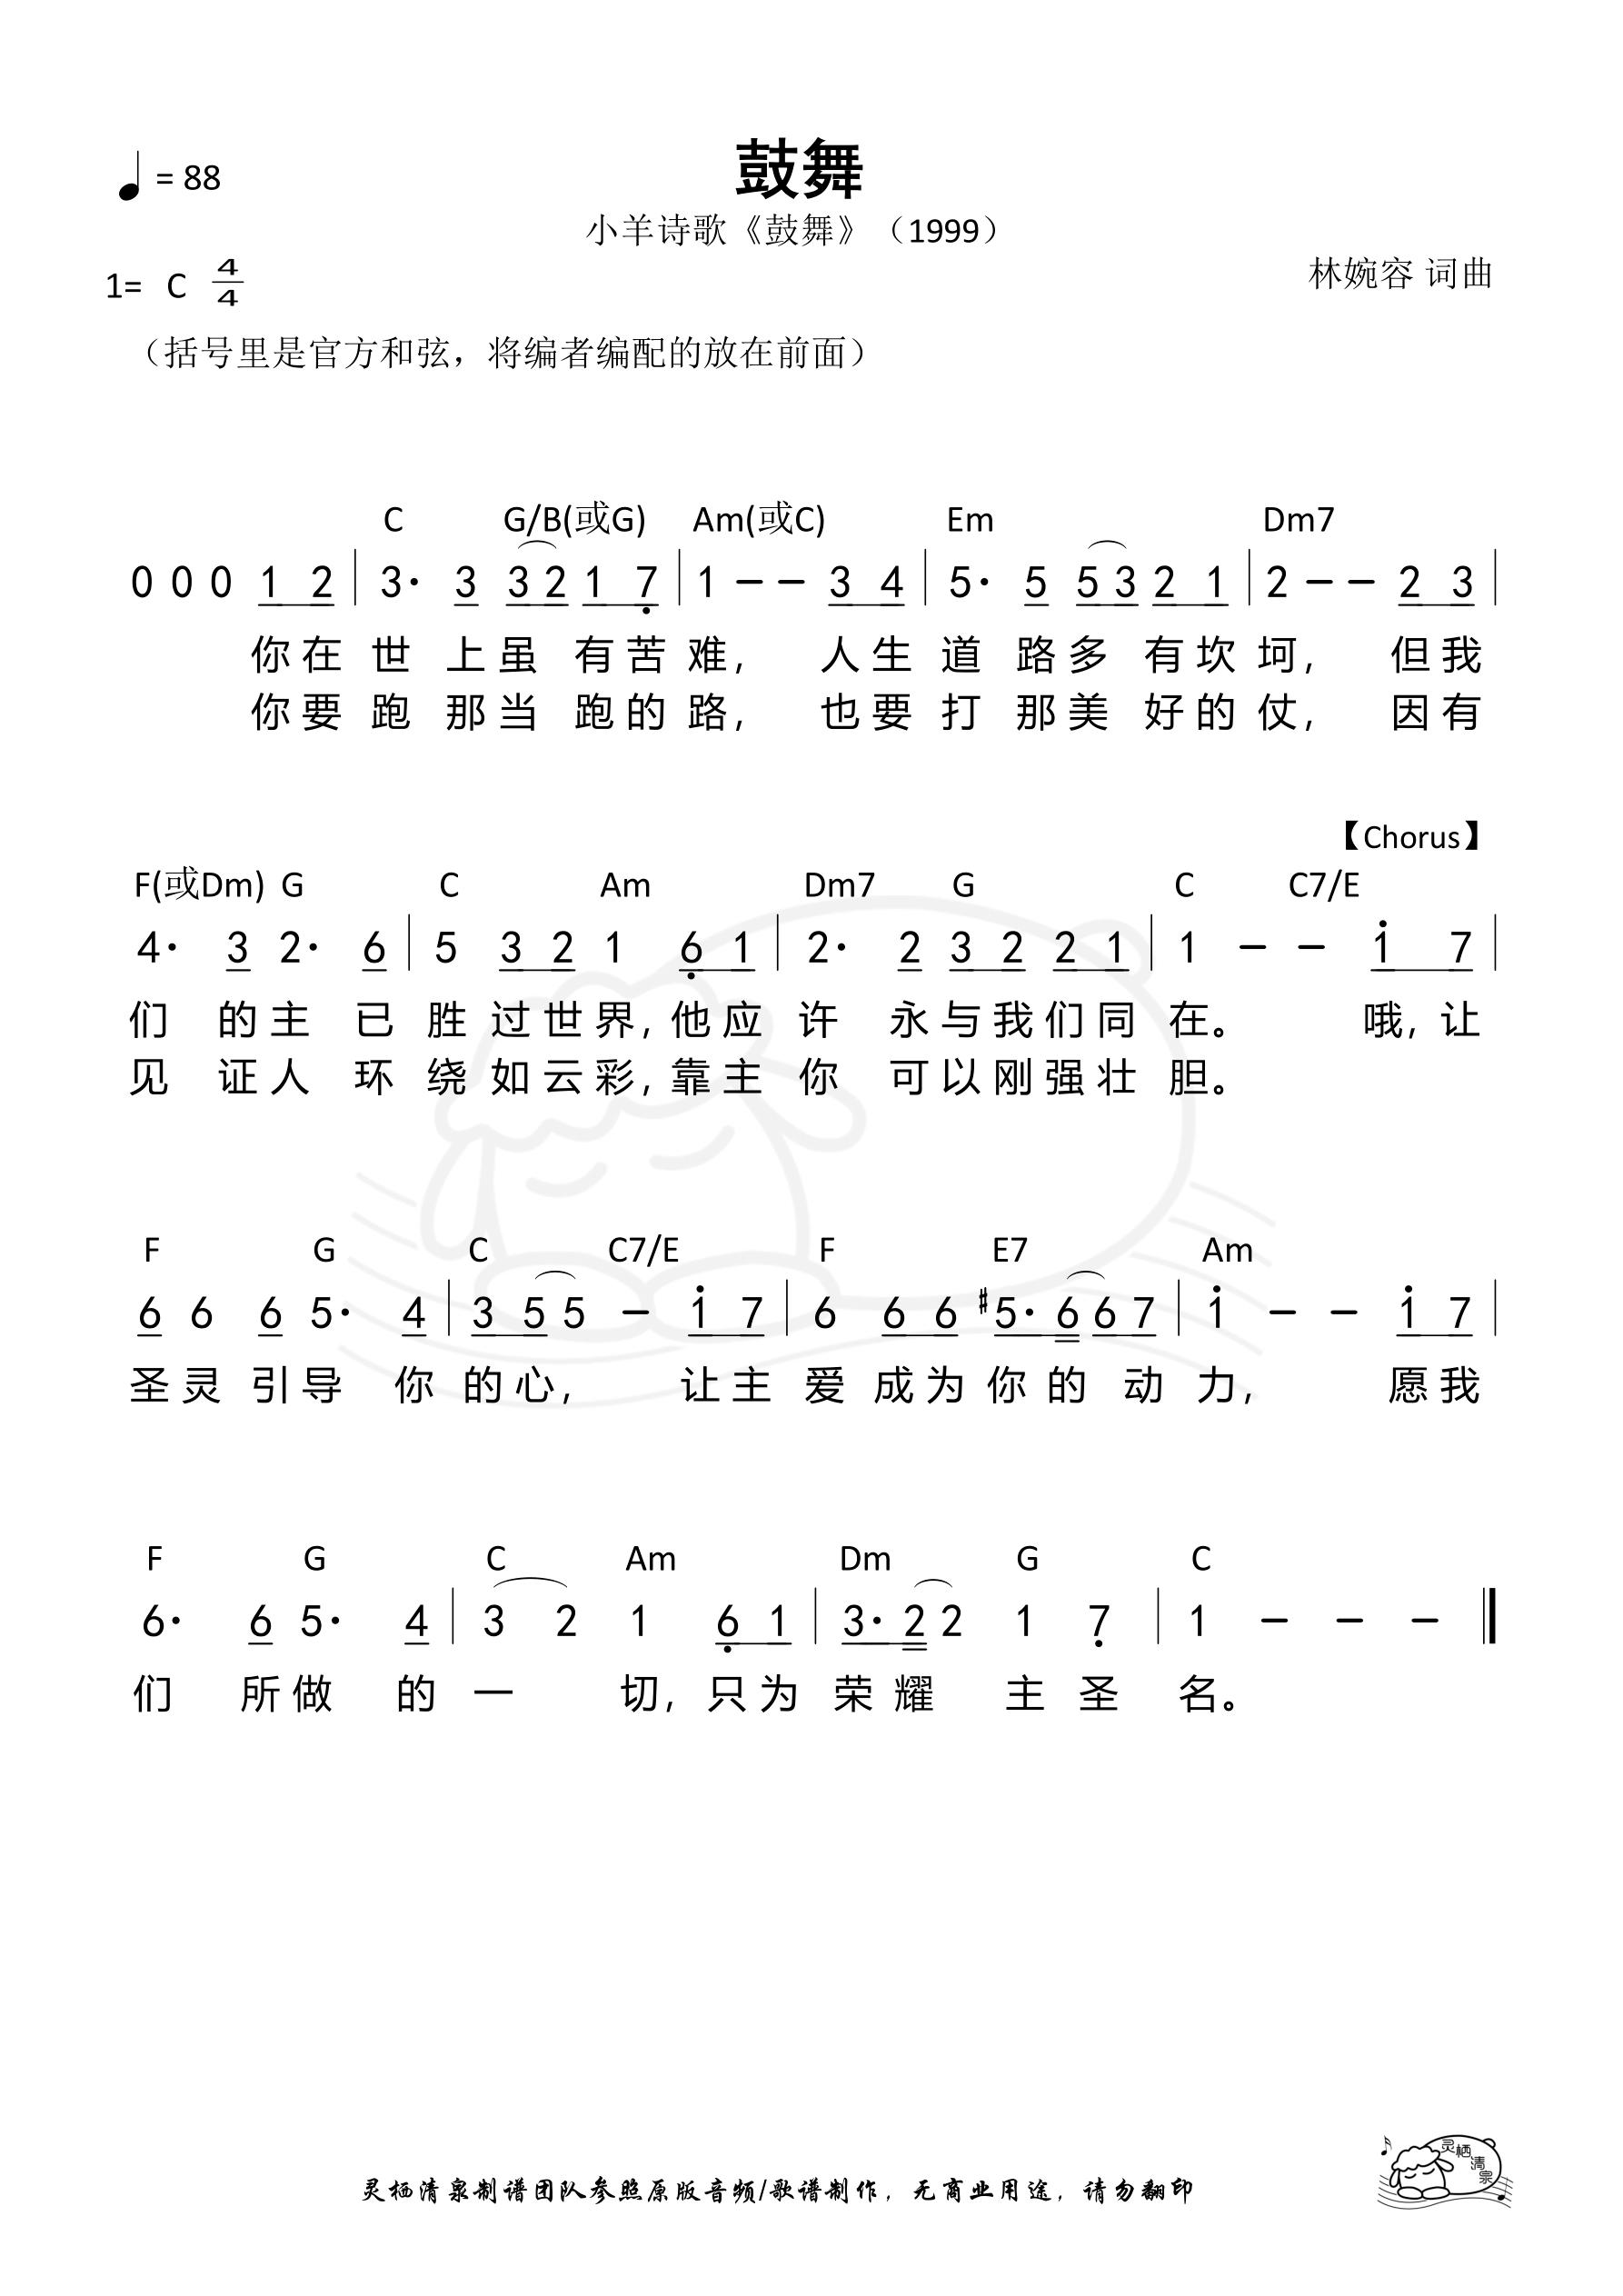 《第2首 - 鼓舞 和弦简谱》